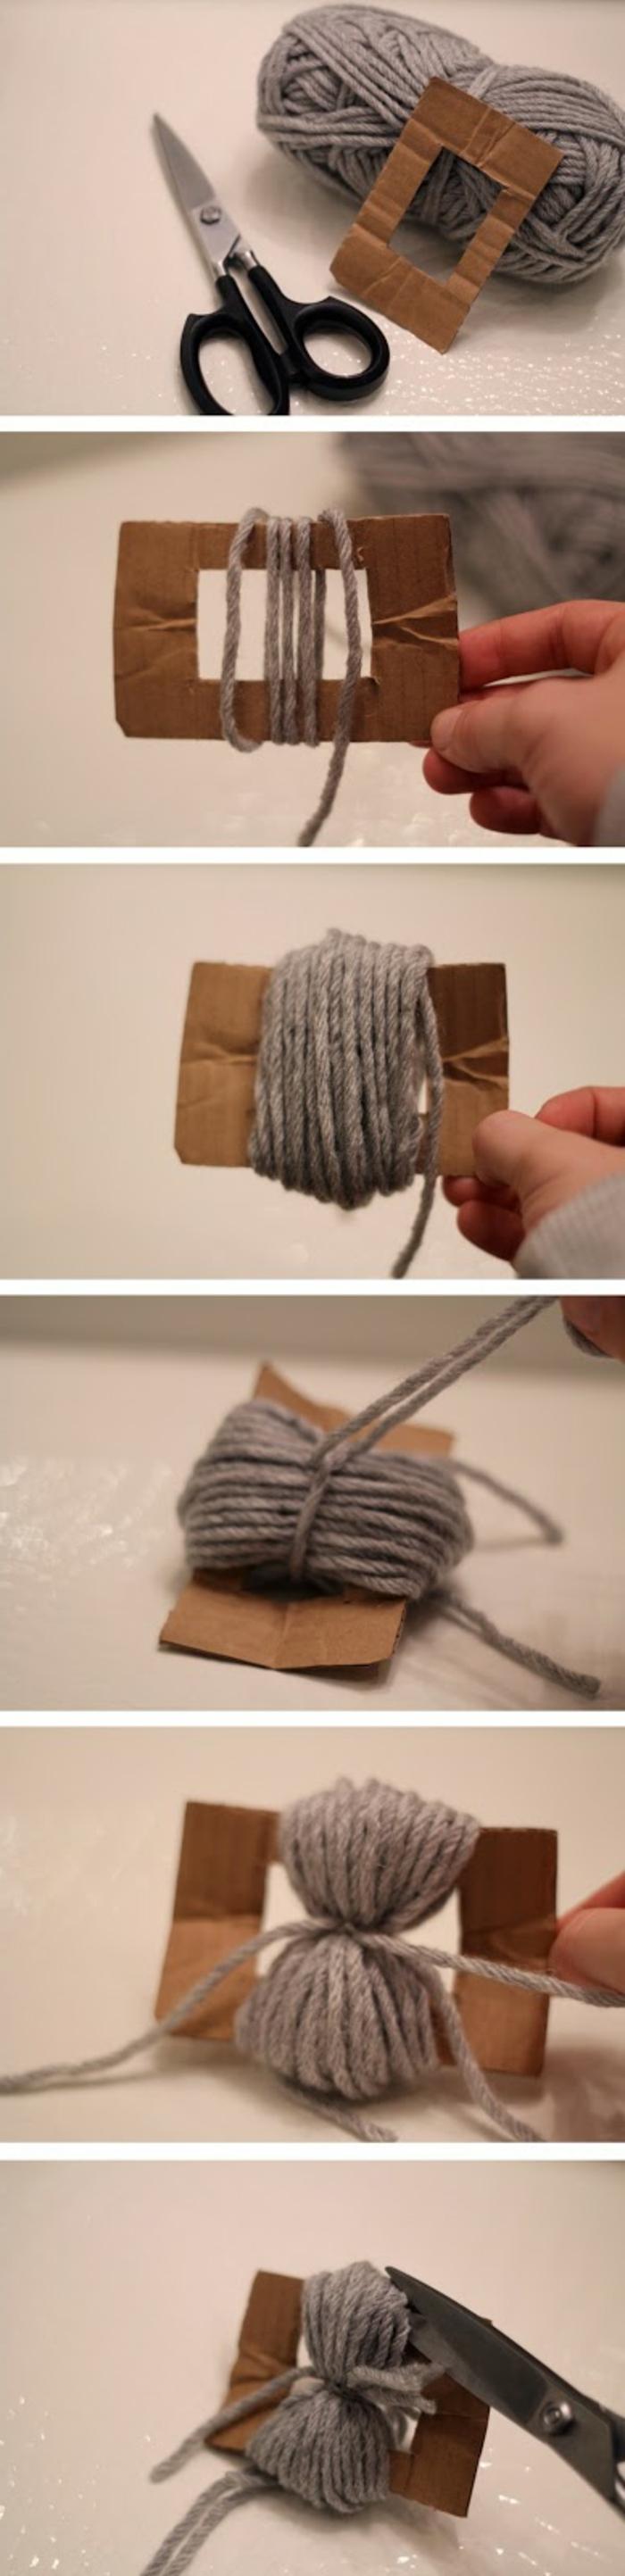 Pompons selber machen in sechs Schritten, Anleitung in Bildern, Garn, Schere und Karton